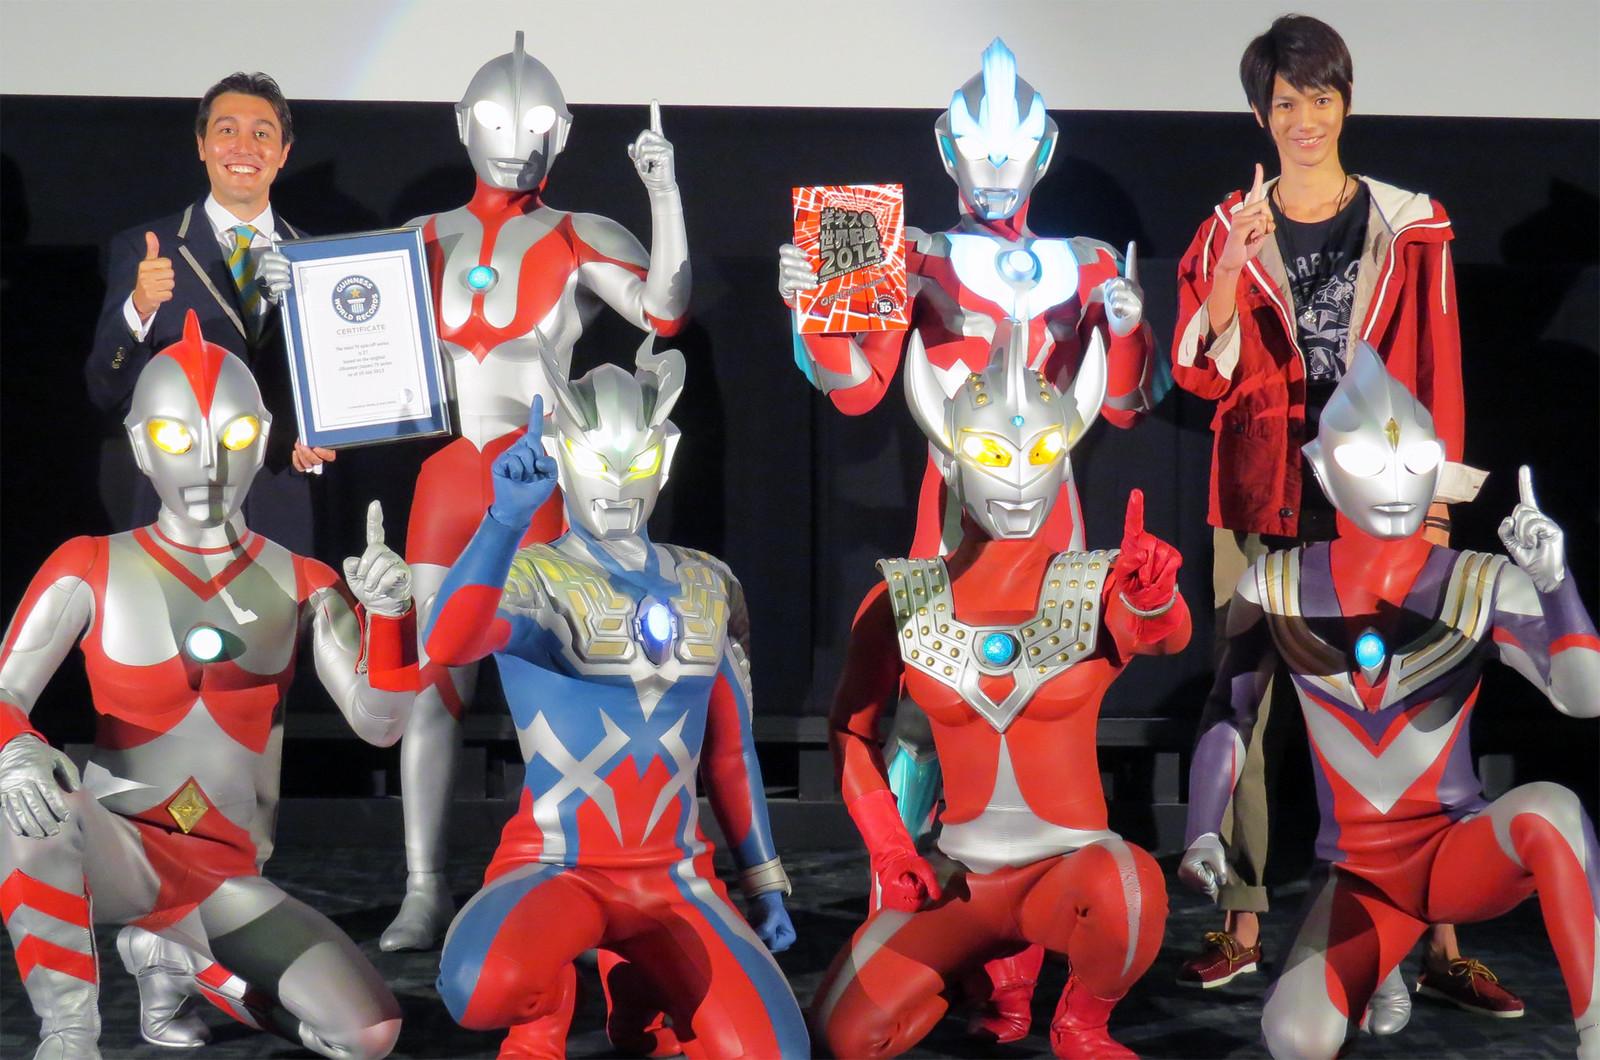 130913 - 特攝英雄《超人力霸王 Ultraman》締造「全球史上最多系列的電視影集」金氏世界紀錄、無人能敵!【17日更新】